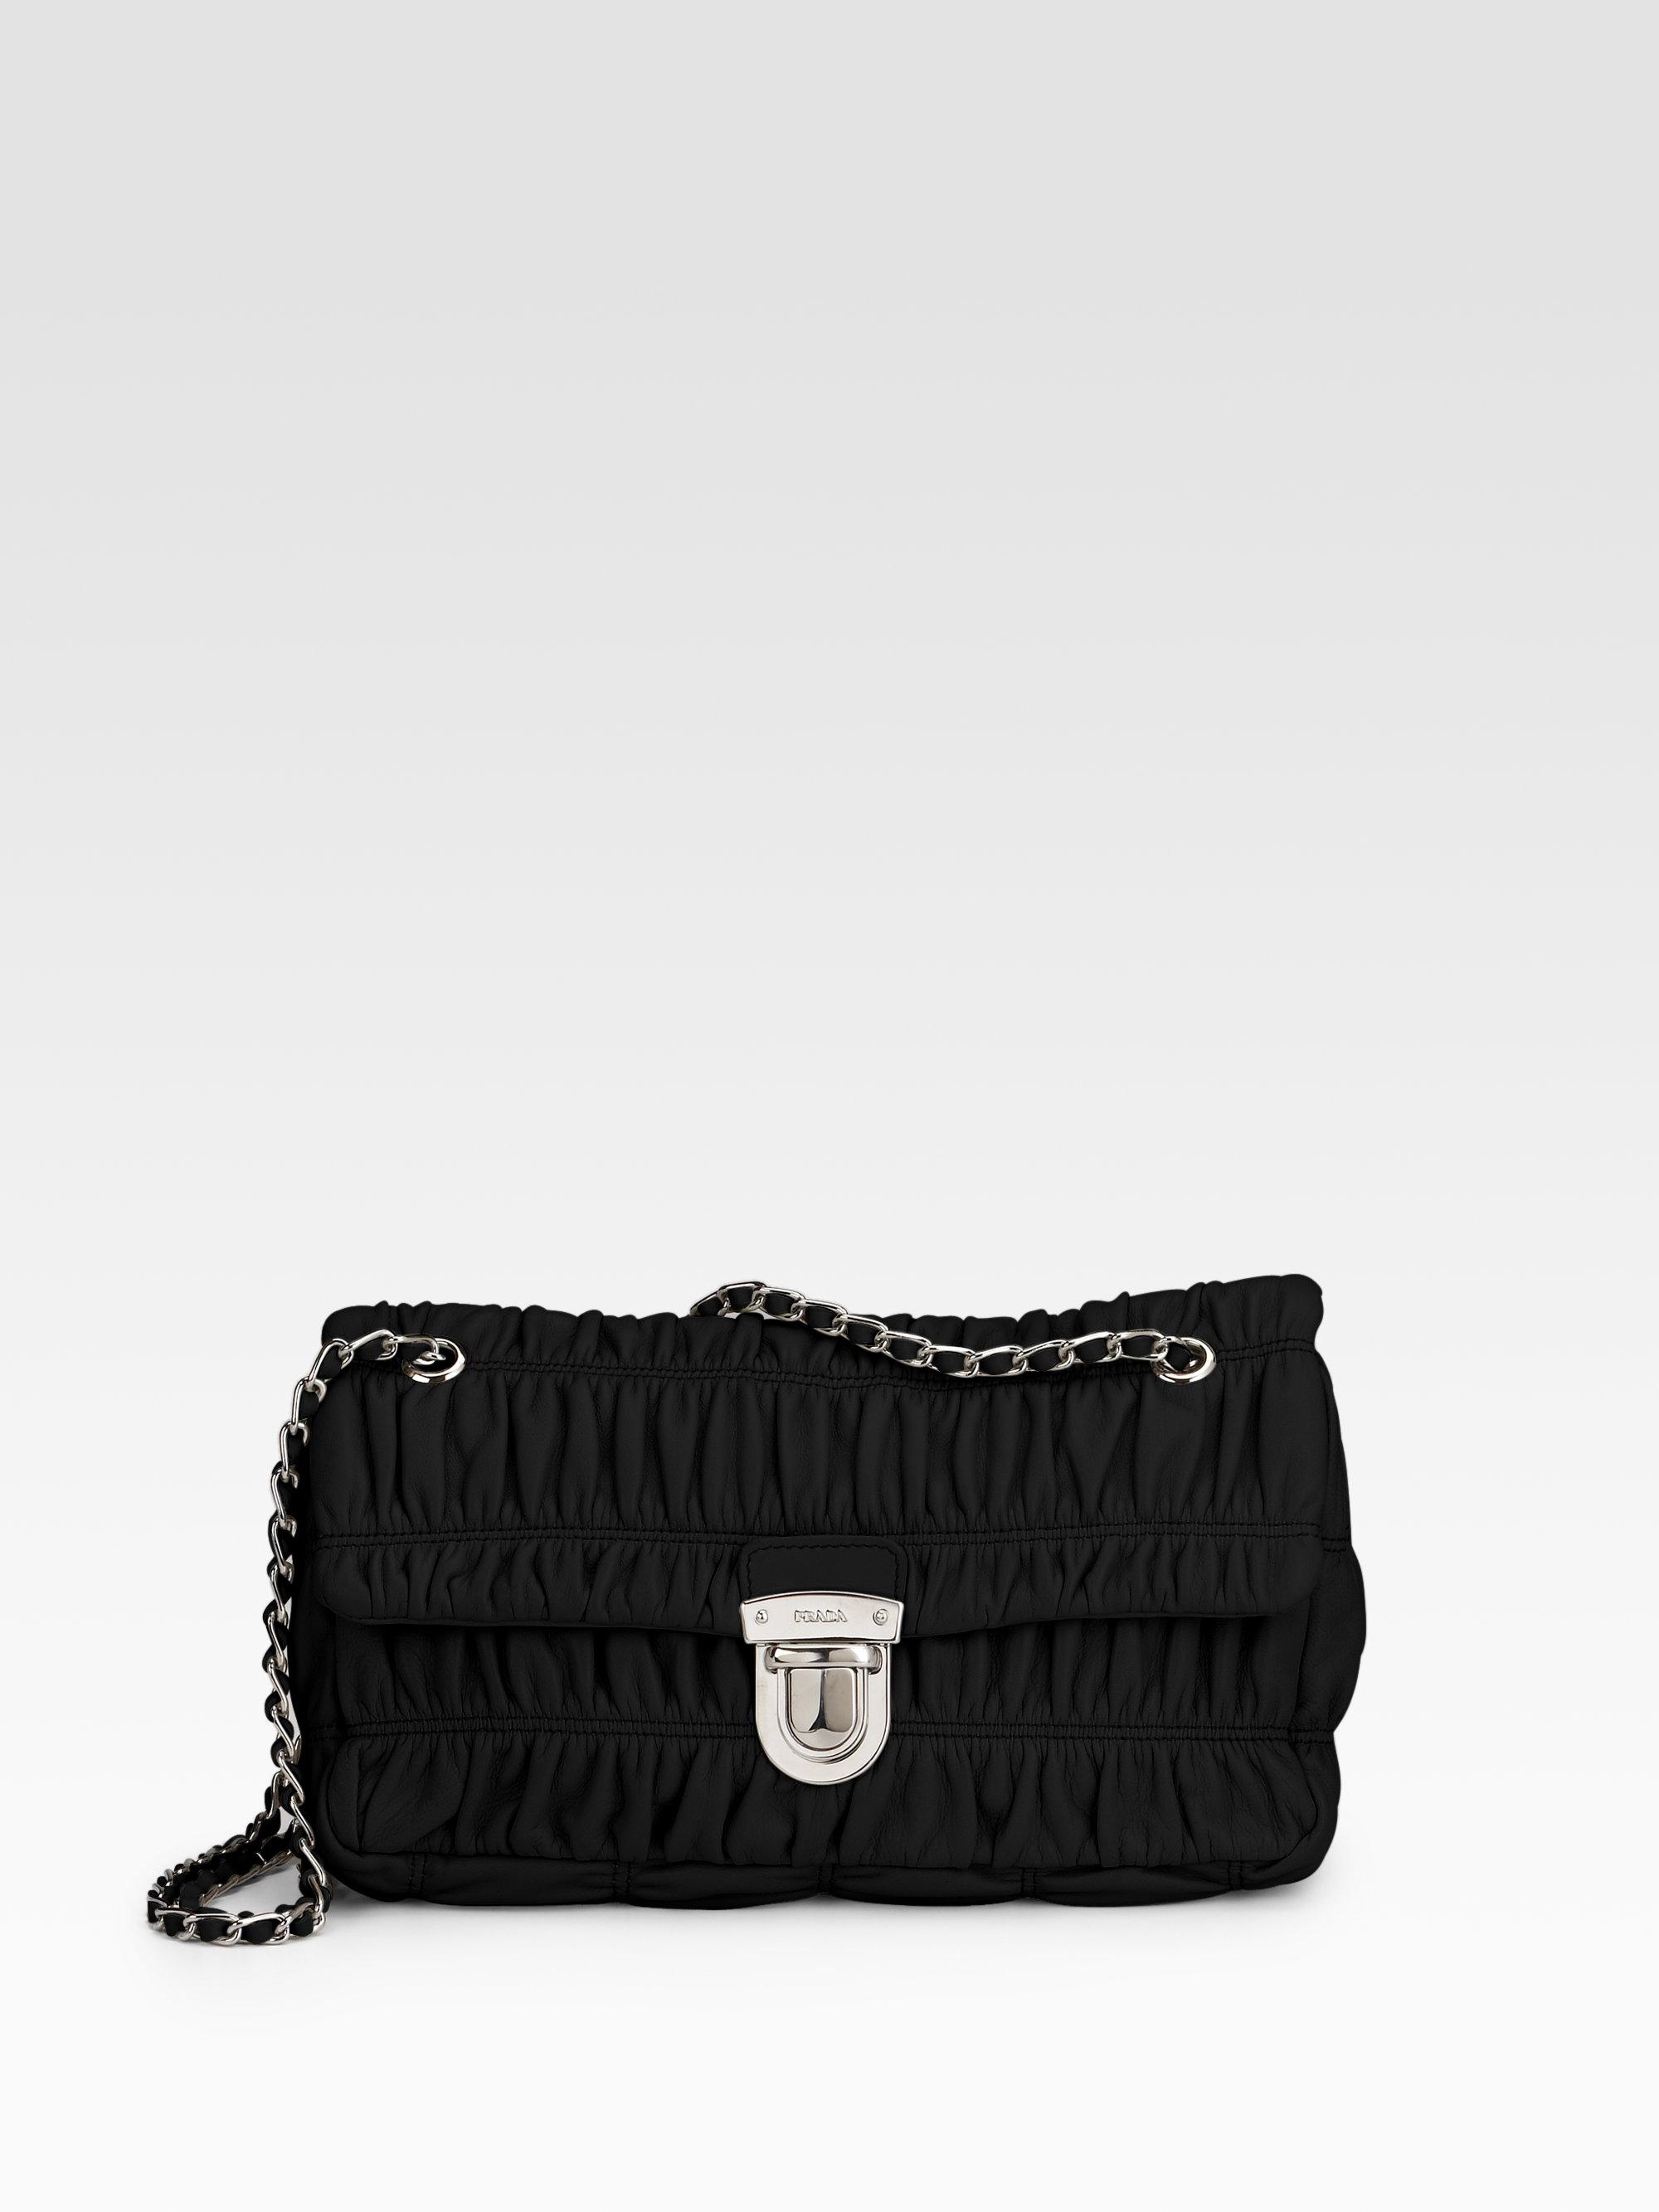 f462c895c1e9 Prada Small Nappa Gaufre Mini Shoulder Bag in Black